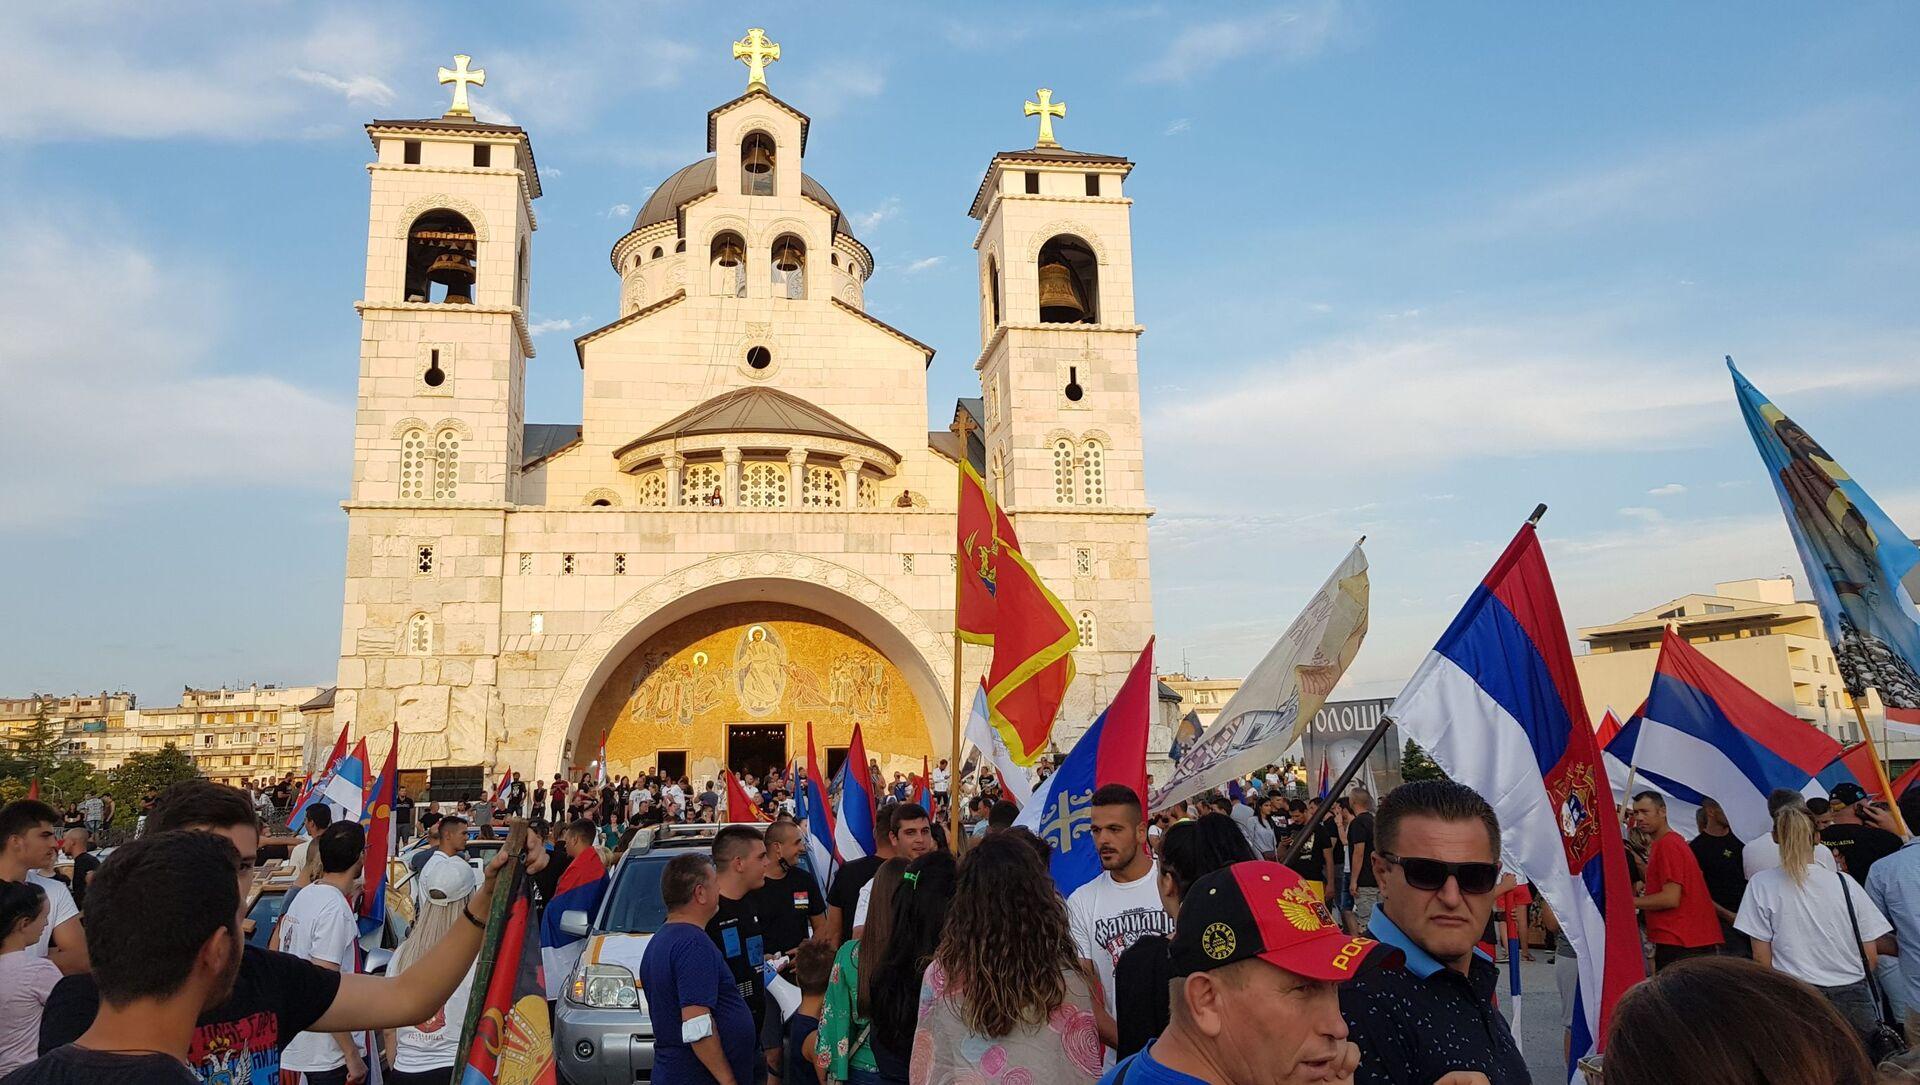 Окупљање испред храма Христовог васкрсења уочи молебана за одбрану светиња - Sputnik Србија, 1920, 11.06.2021